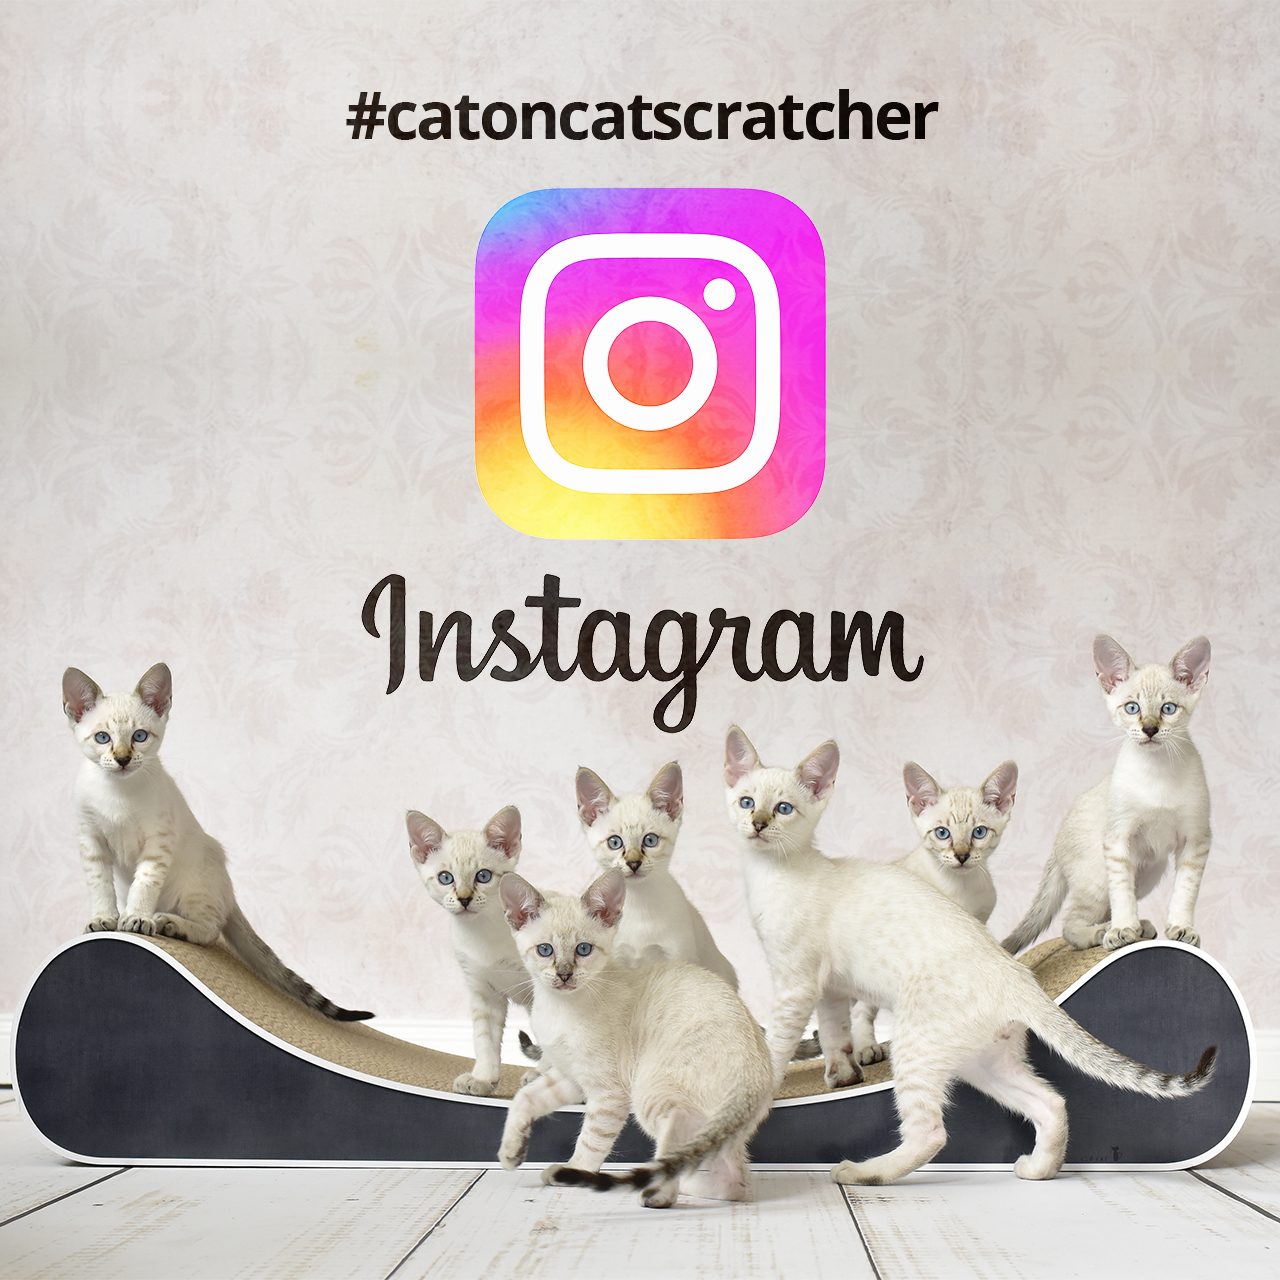 caton Instagram